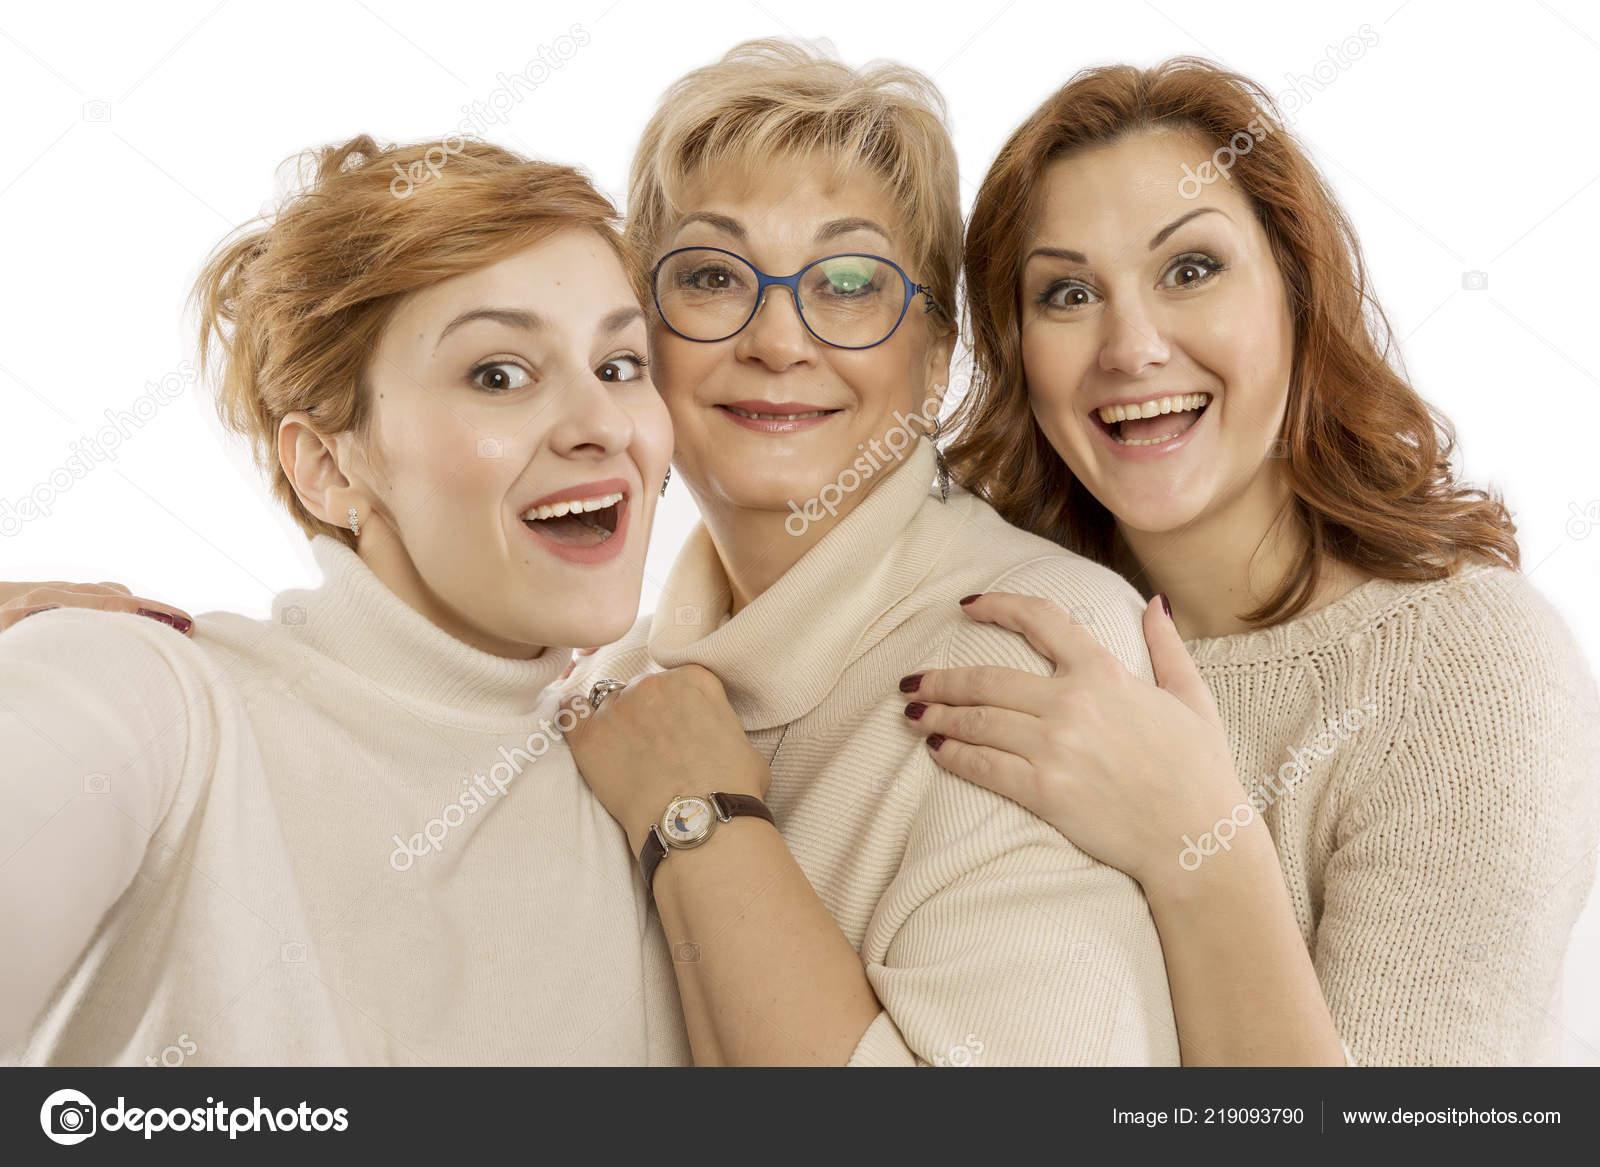 Blonde sex loose virginty